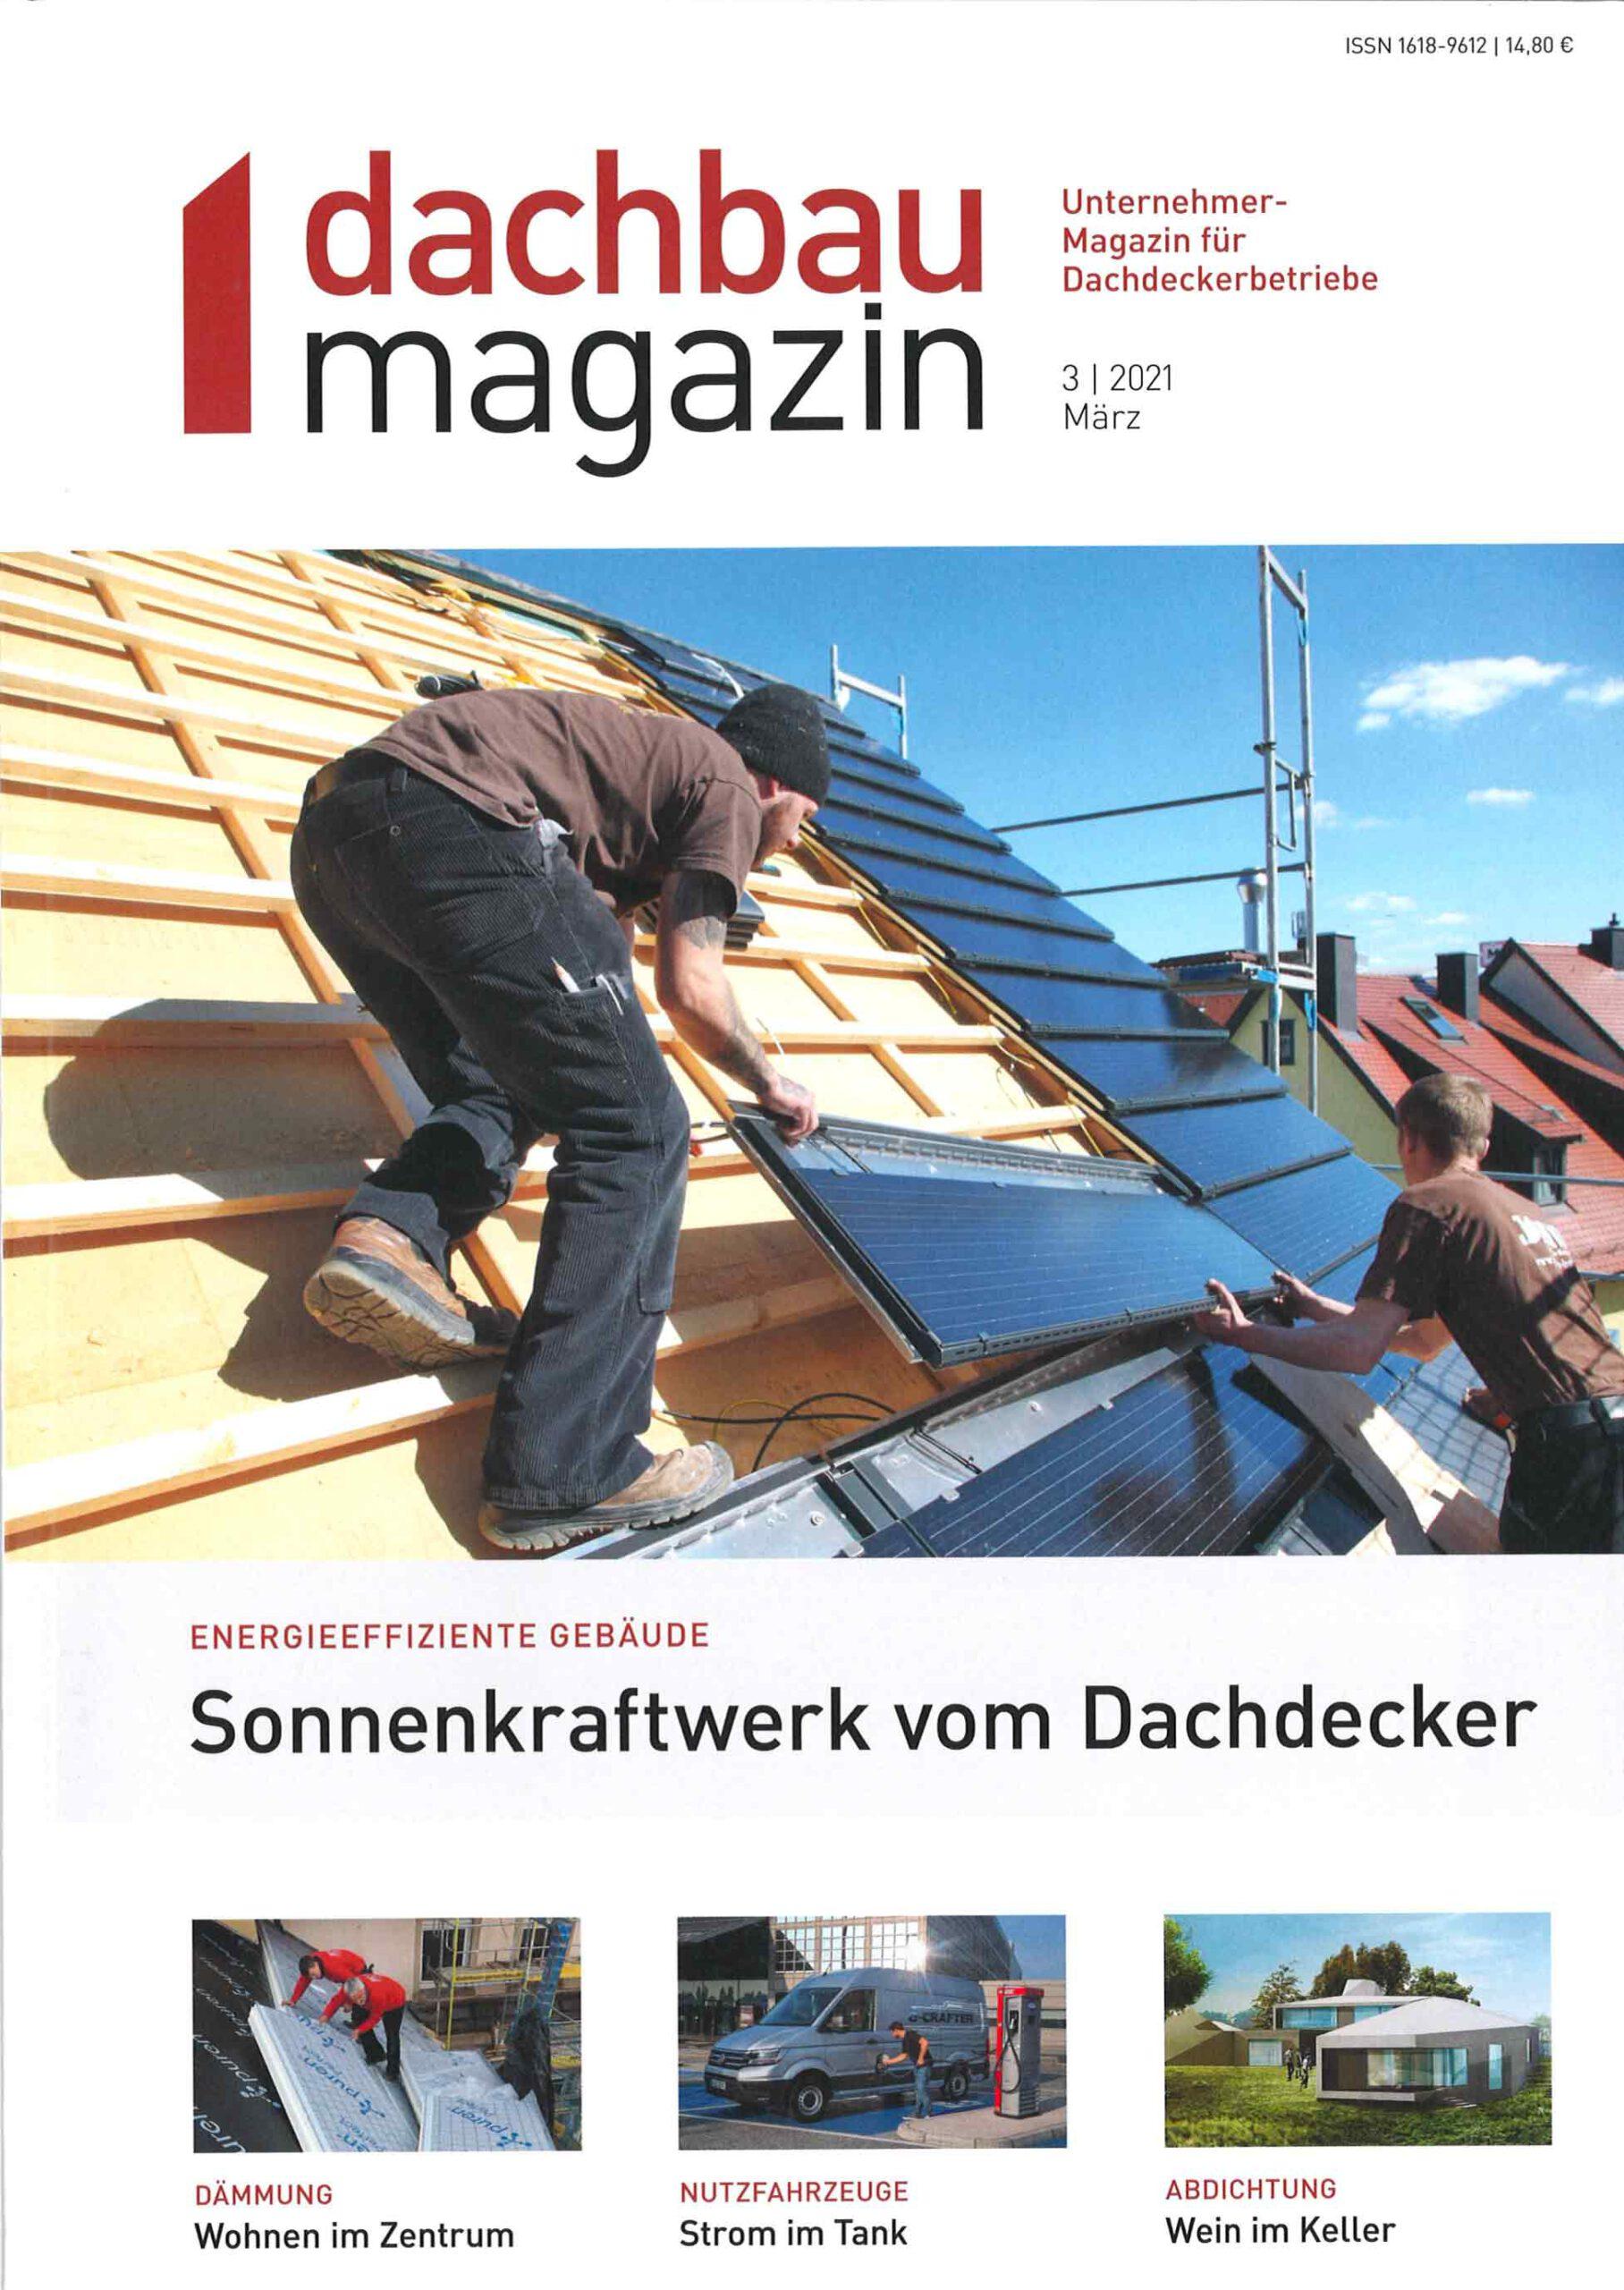 Dach Magazin - Ausgabe 3/2121